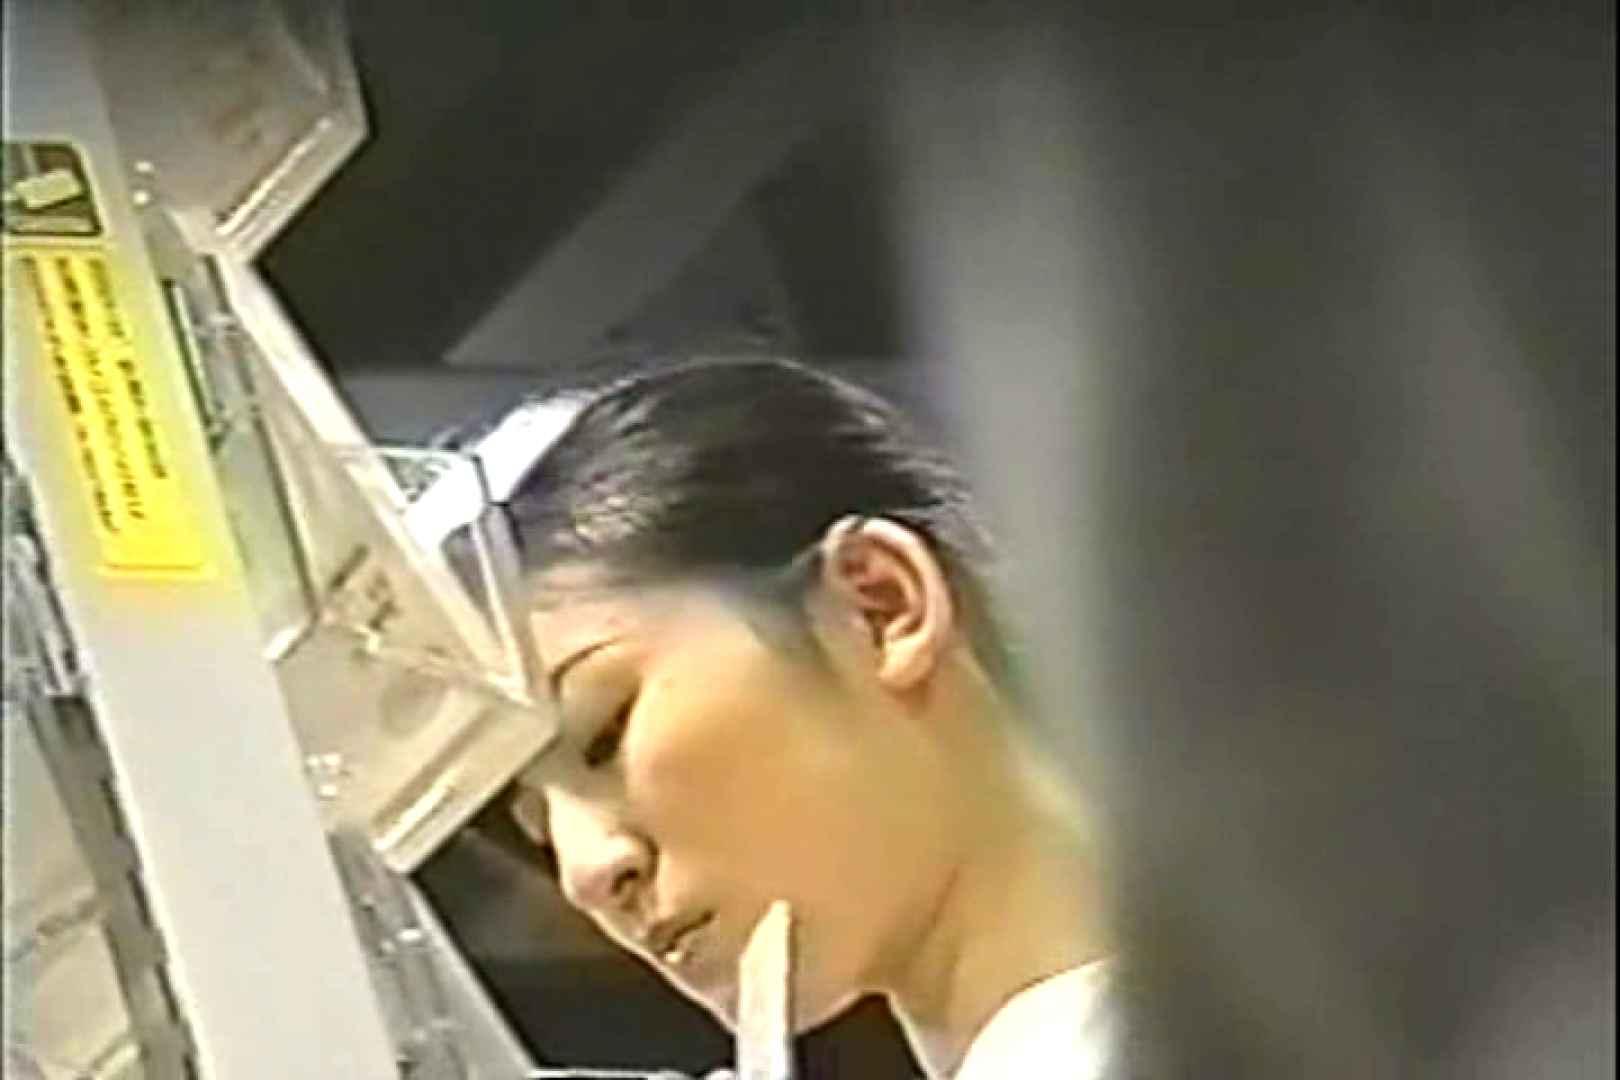 「ちくりん」さんのオリジナル未編集パンチラVol.3_01 テクニック オマンコ無修正動画無料 103pic 89